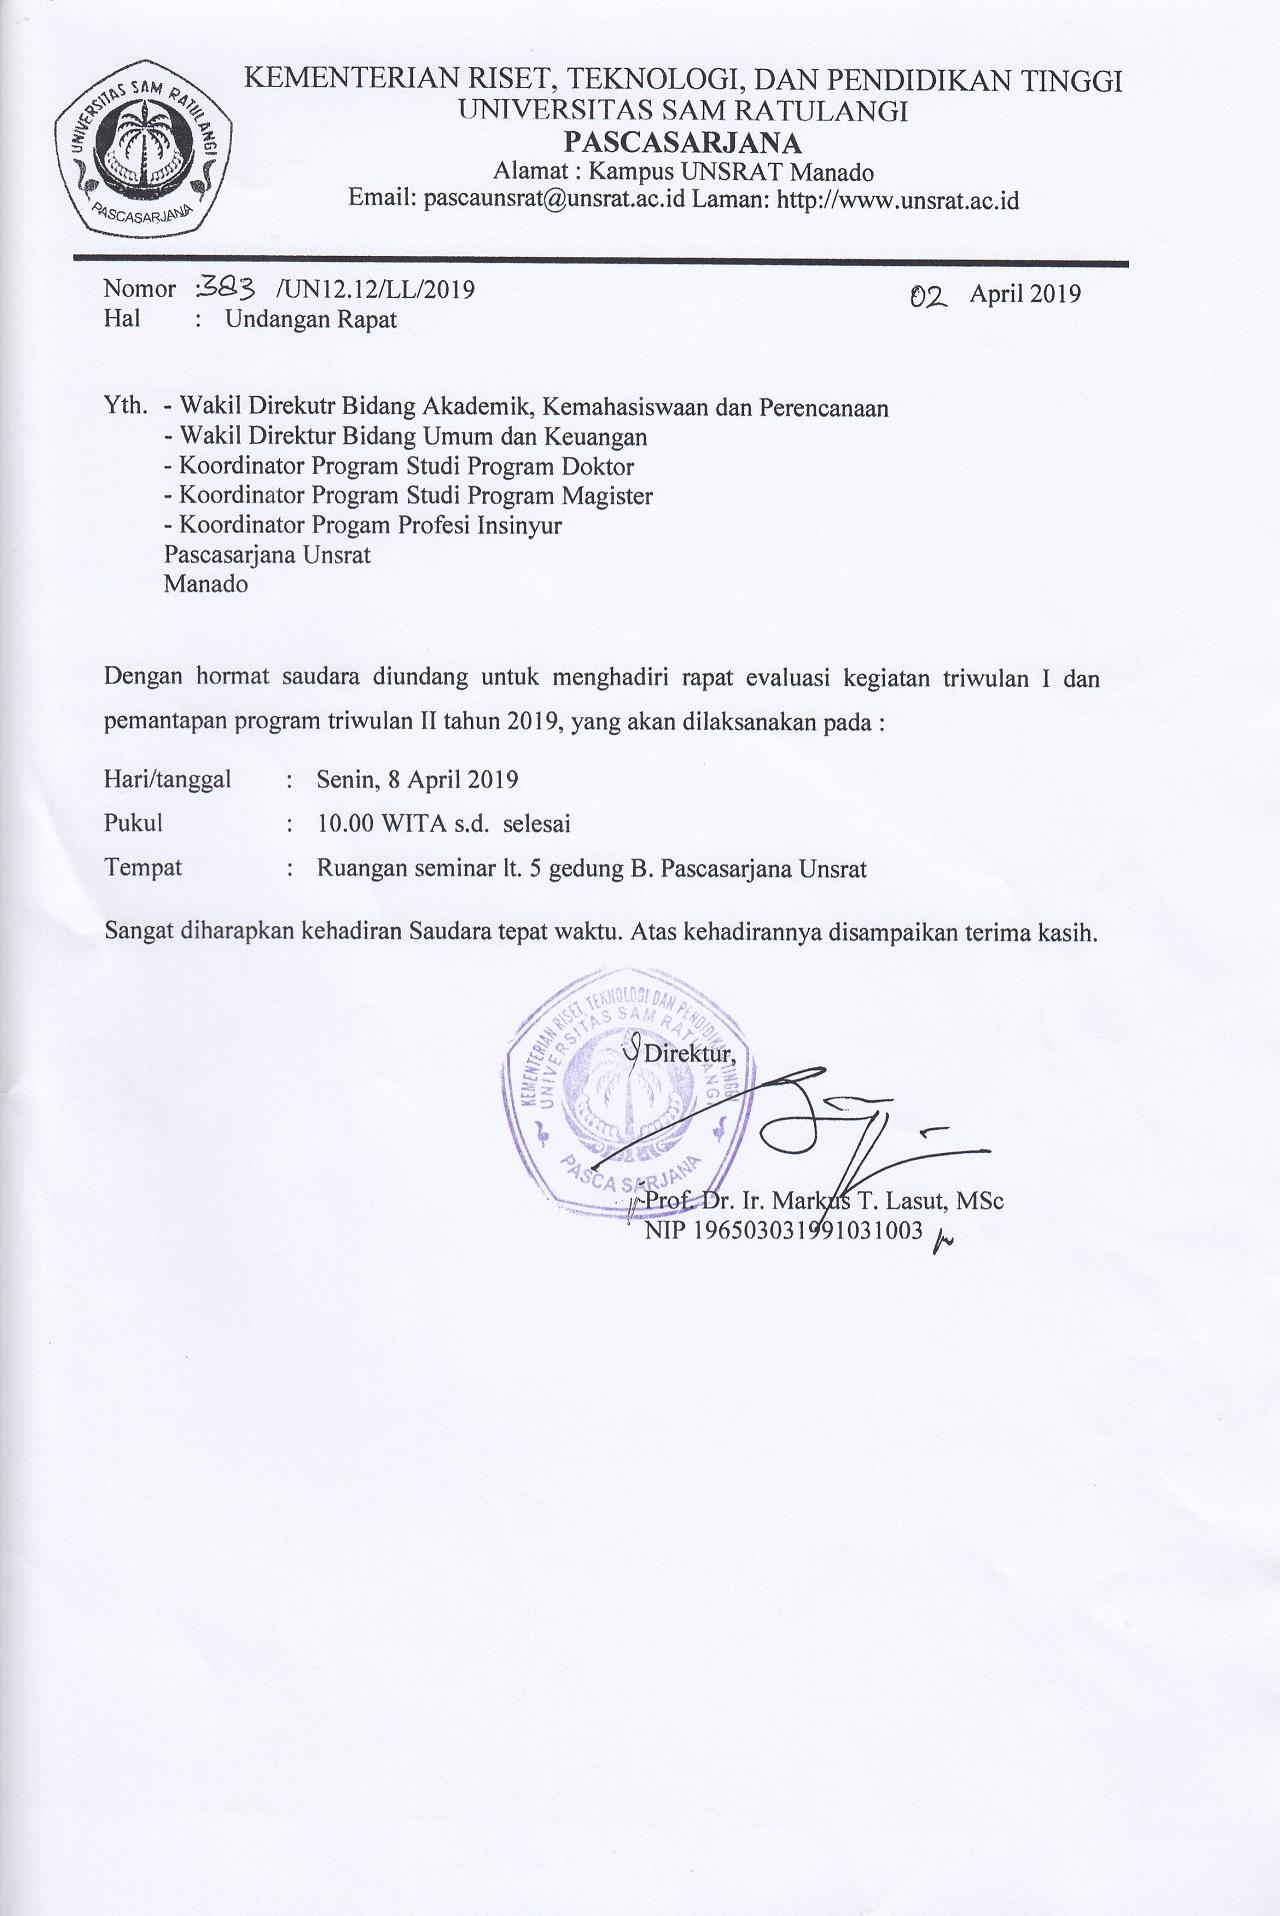 Undangan Rapat Evaluasi Triwulan I Dan Pemantapan Program Triwulan Ii Tahun 2019 Program Pascasarjana Universitas Sam Ratulangi